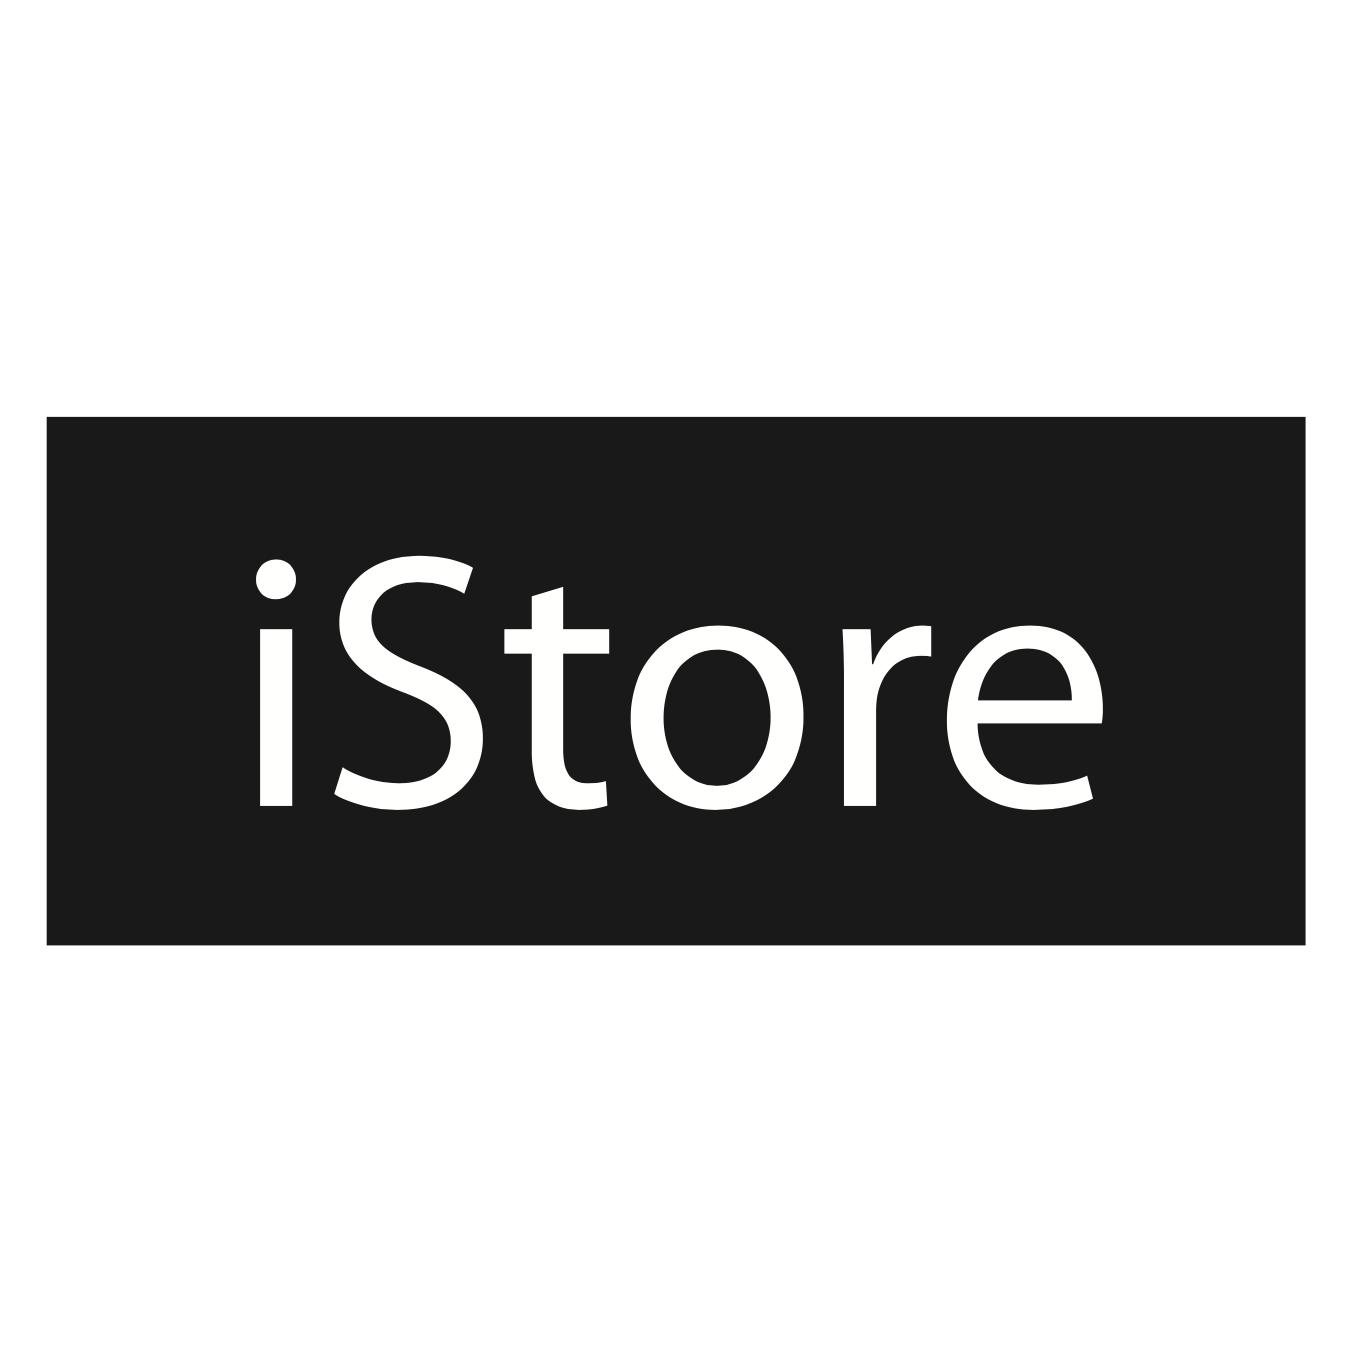 iPhone 6s Plus Silicone Case